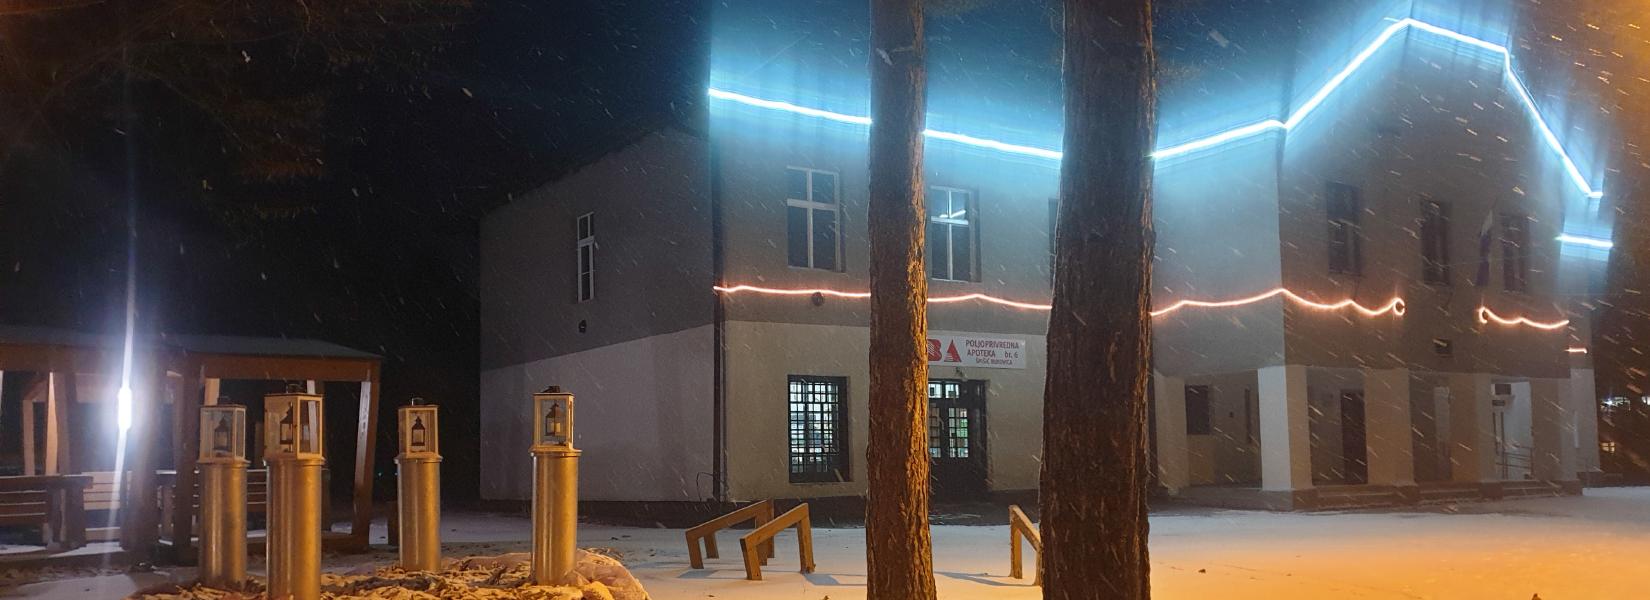 Društveni dom u Špišić Bukovici 01-2019